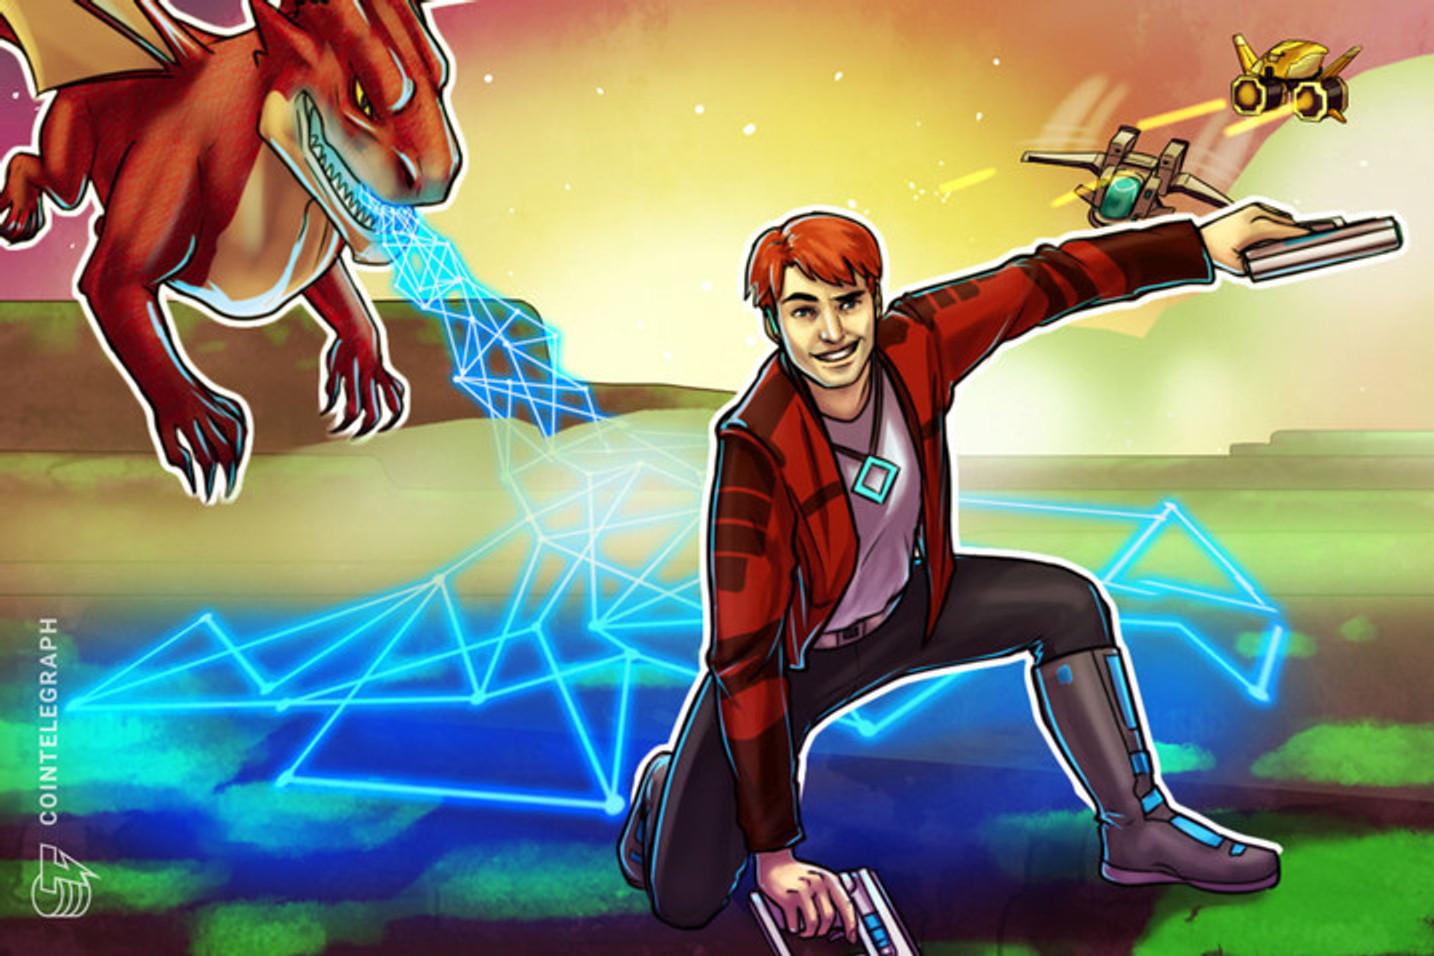 スクエニ出資のブロックチェーンゲーム「ザ・サンドボックス」ユニバーサルミュージック出身者が加入